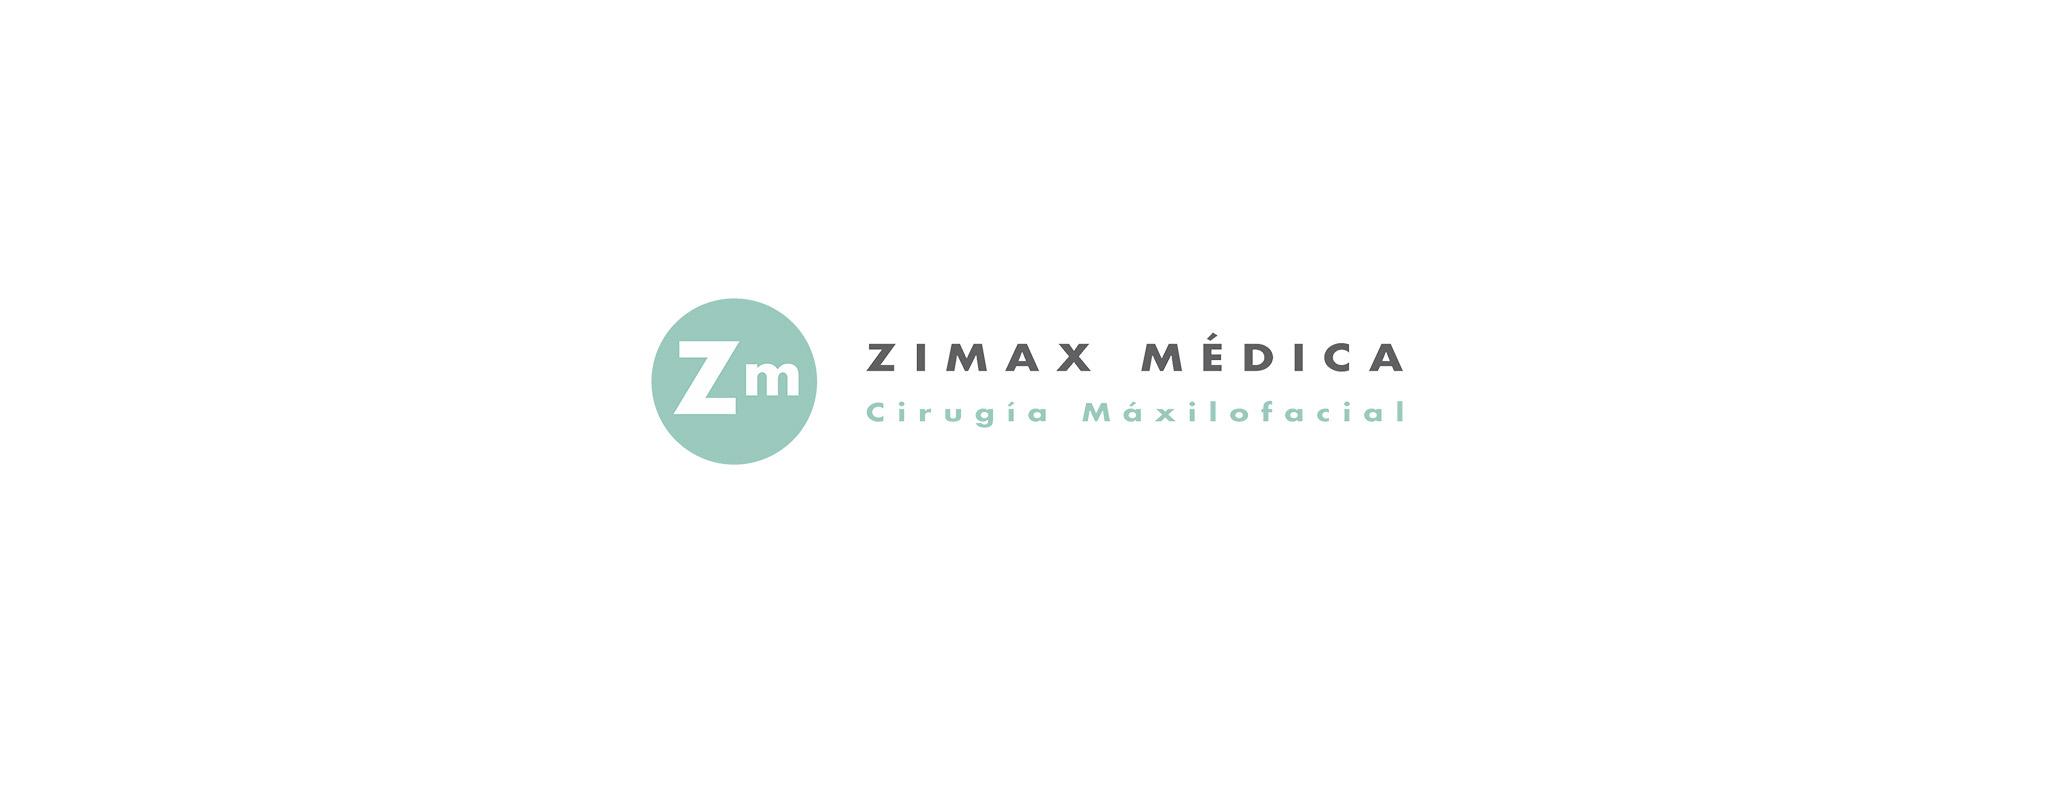 Zimax Medica